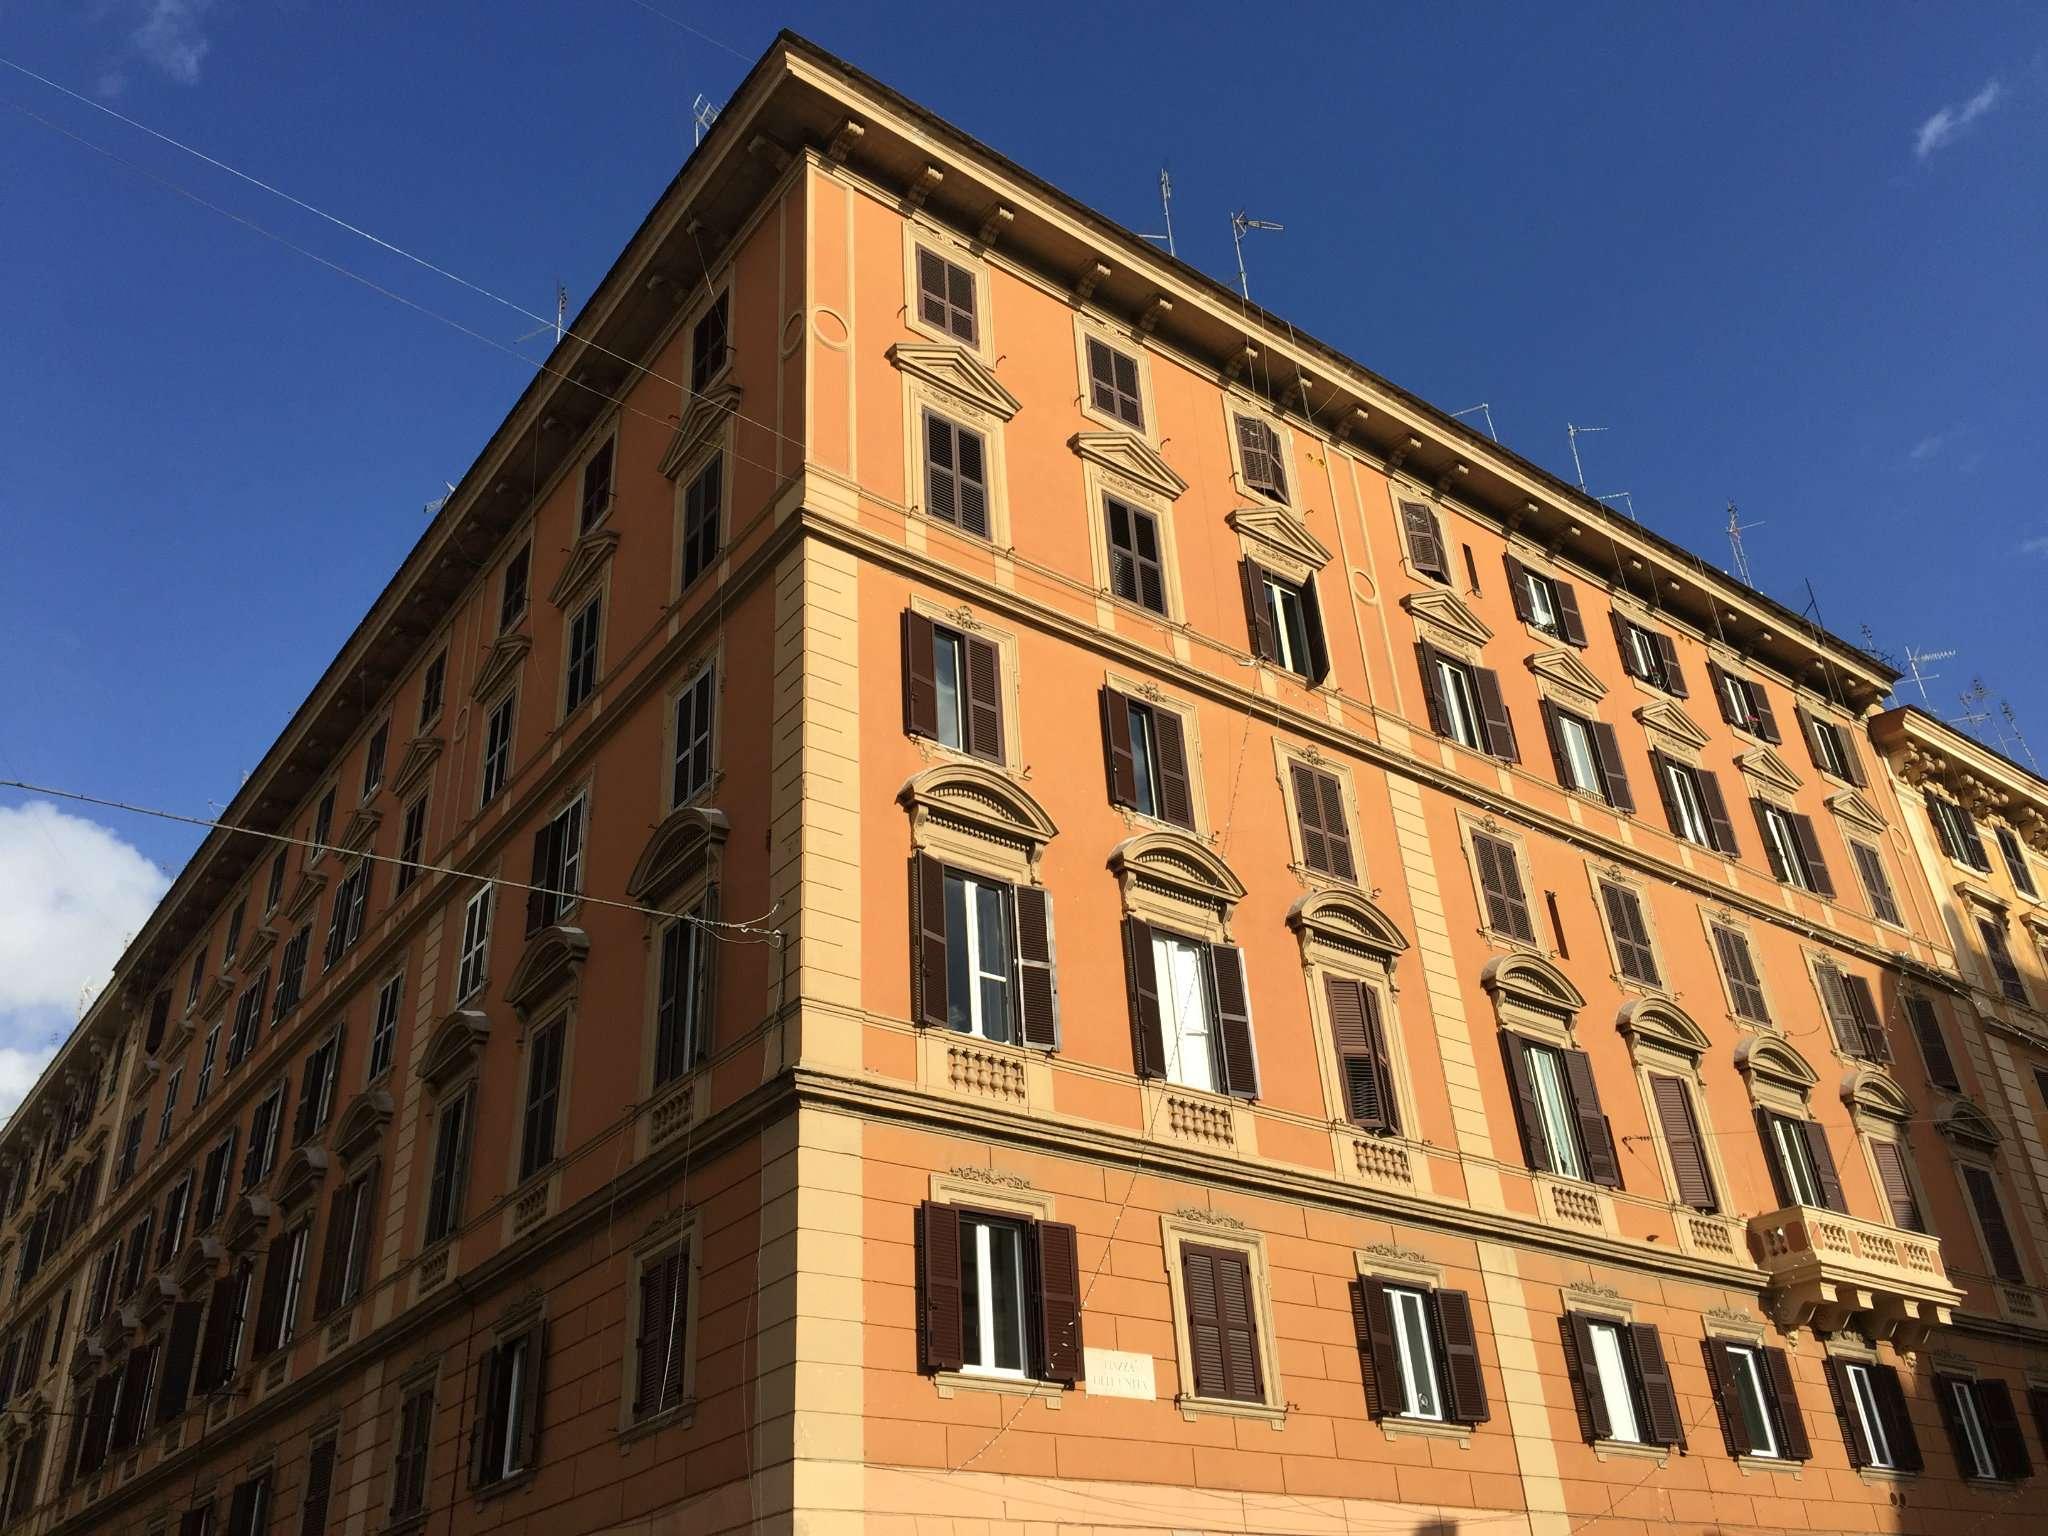 Attico / Mansarda in vendita a Roma, 3 locali, zona Zona: 30 . Prati, Borgo, San Pietro, prezzo € 580.000 | CambioCasa.it